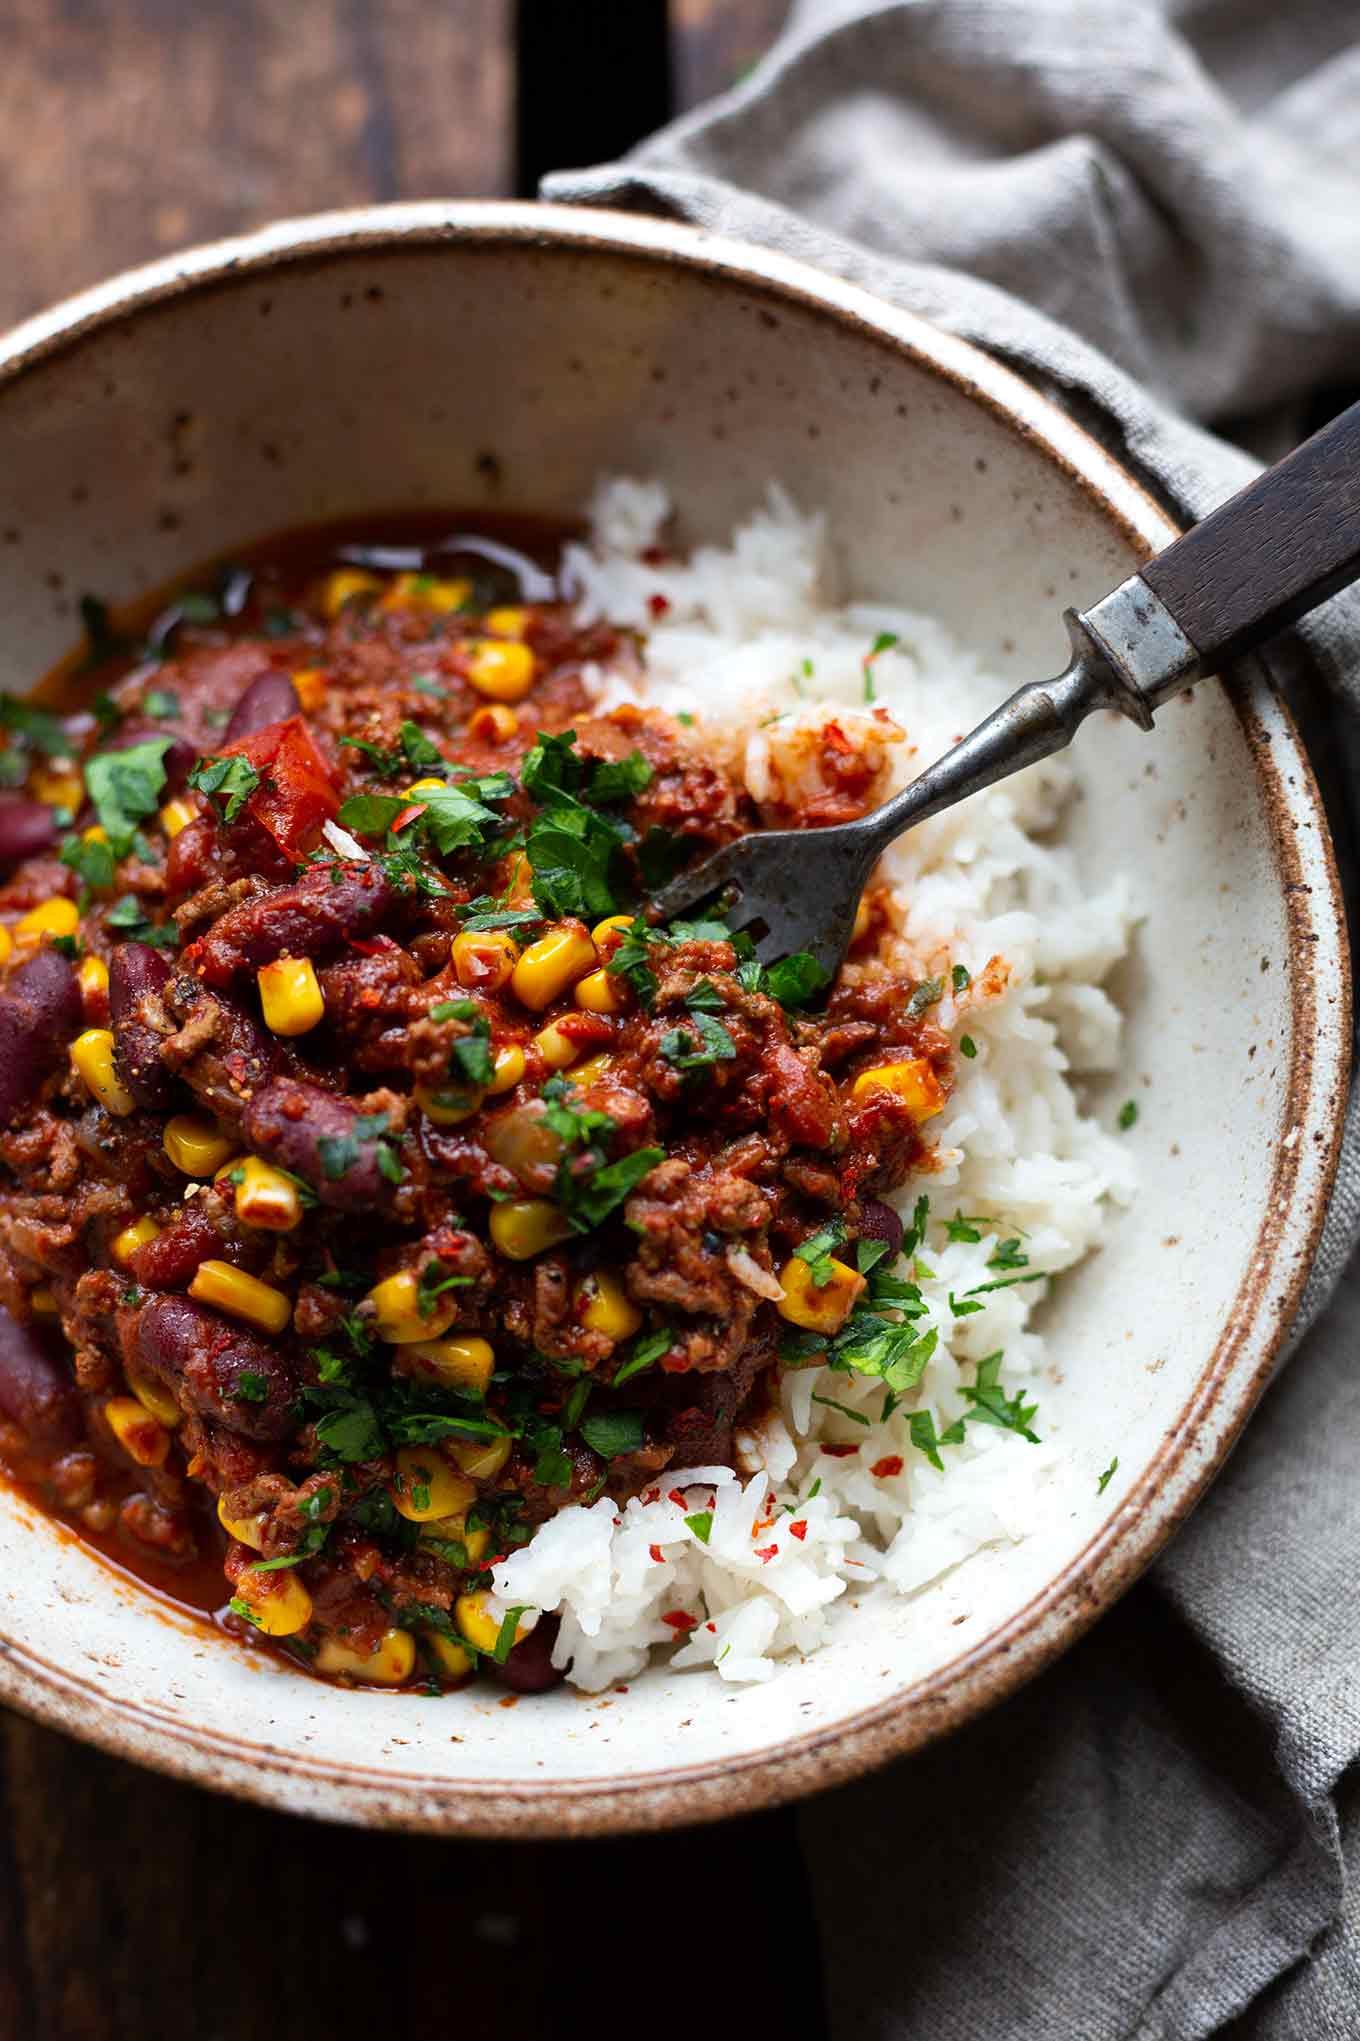 Einfaches Chili con Carne mit Schokolade. 20+ schnelle und gesunde Vorratsrezepte. Für alle Rezepte braucht ihr nur Zutaten aus Kühkschrank und Vorratskammer - Kochkarussell Foodblog #vorratsrezepte #vorrat #mealprep